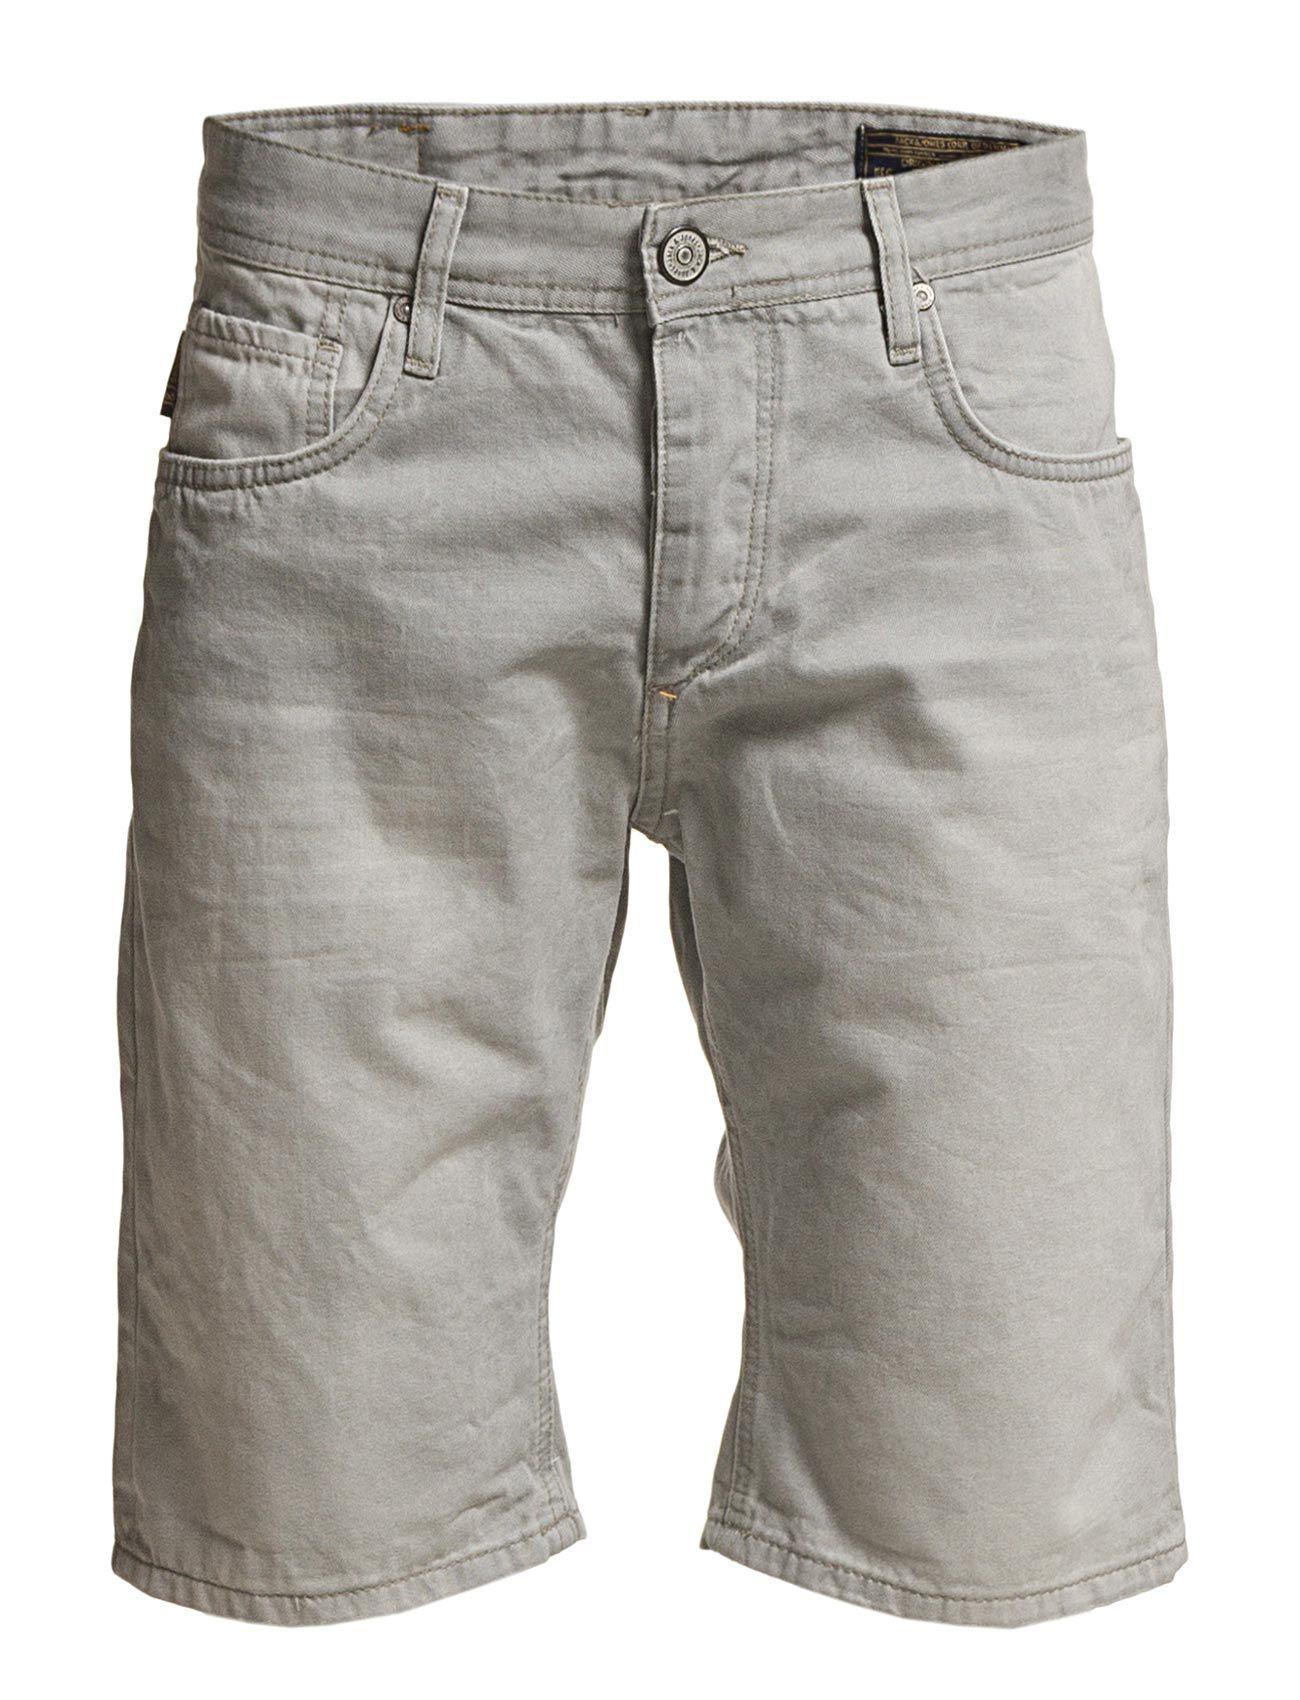 Rick Org. Shorts N. Grey Jj Ji 1-2-3 13